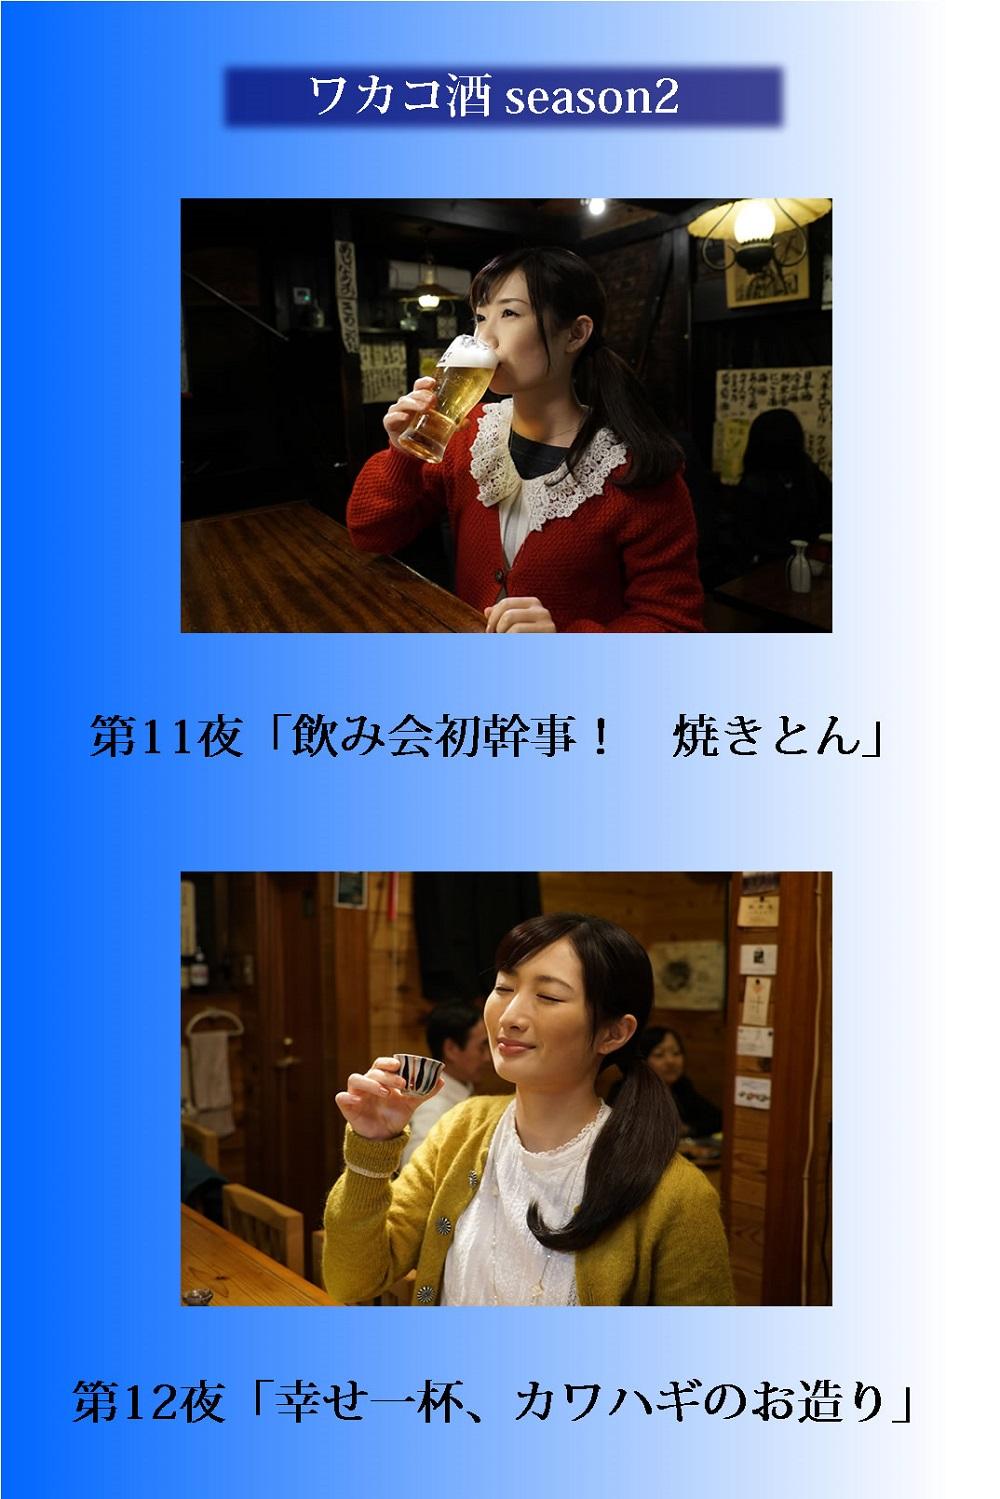 ワカコ酒 Season2第11夜「飲み会初幹事! 焼きとん」第12夜「幸せ一杯、カワハギのお造り」